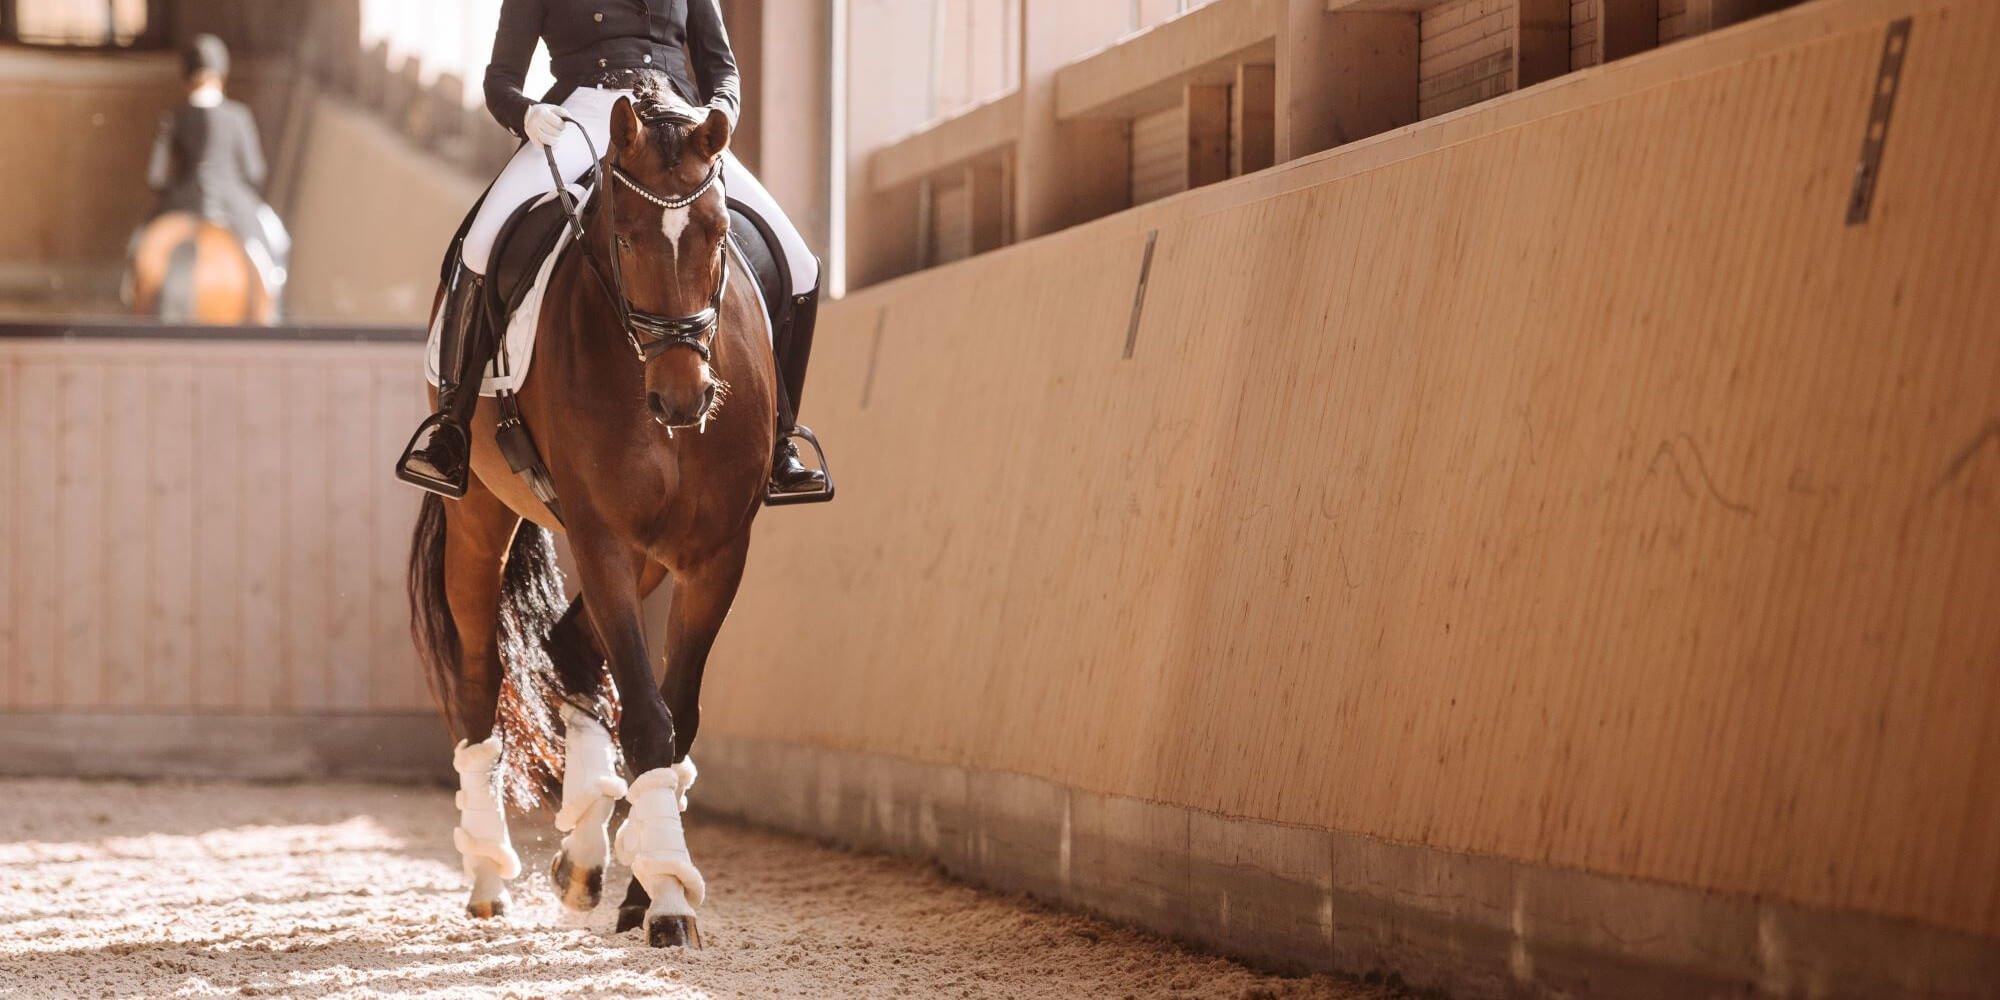 Die Ausbildungsskala des Pferdes für die korrekte Pferdeausbildung